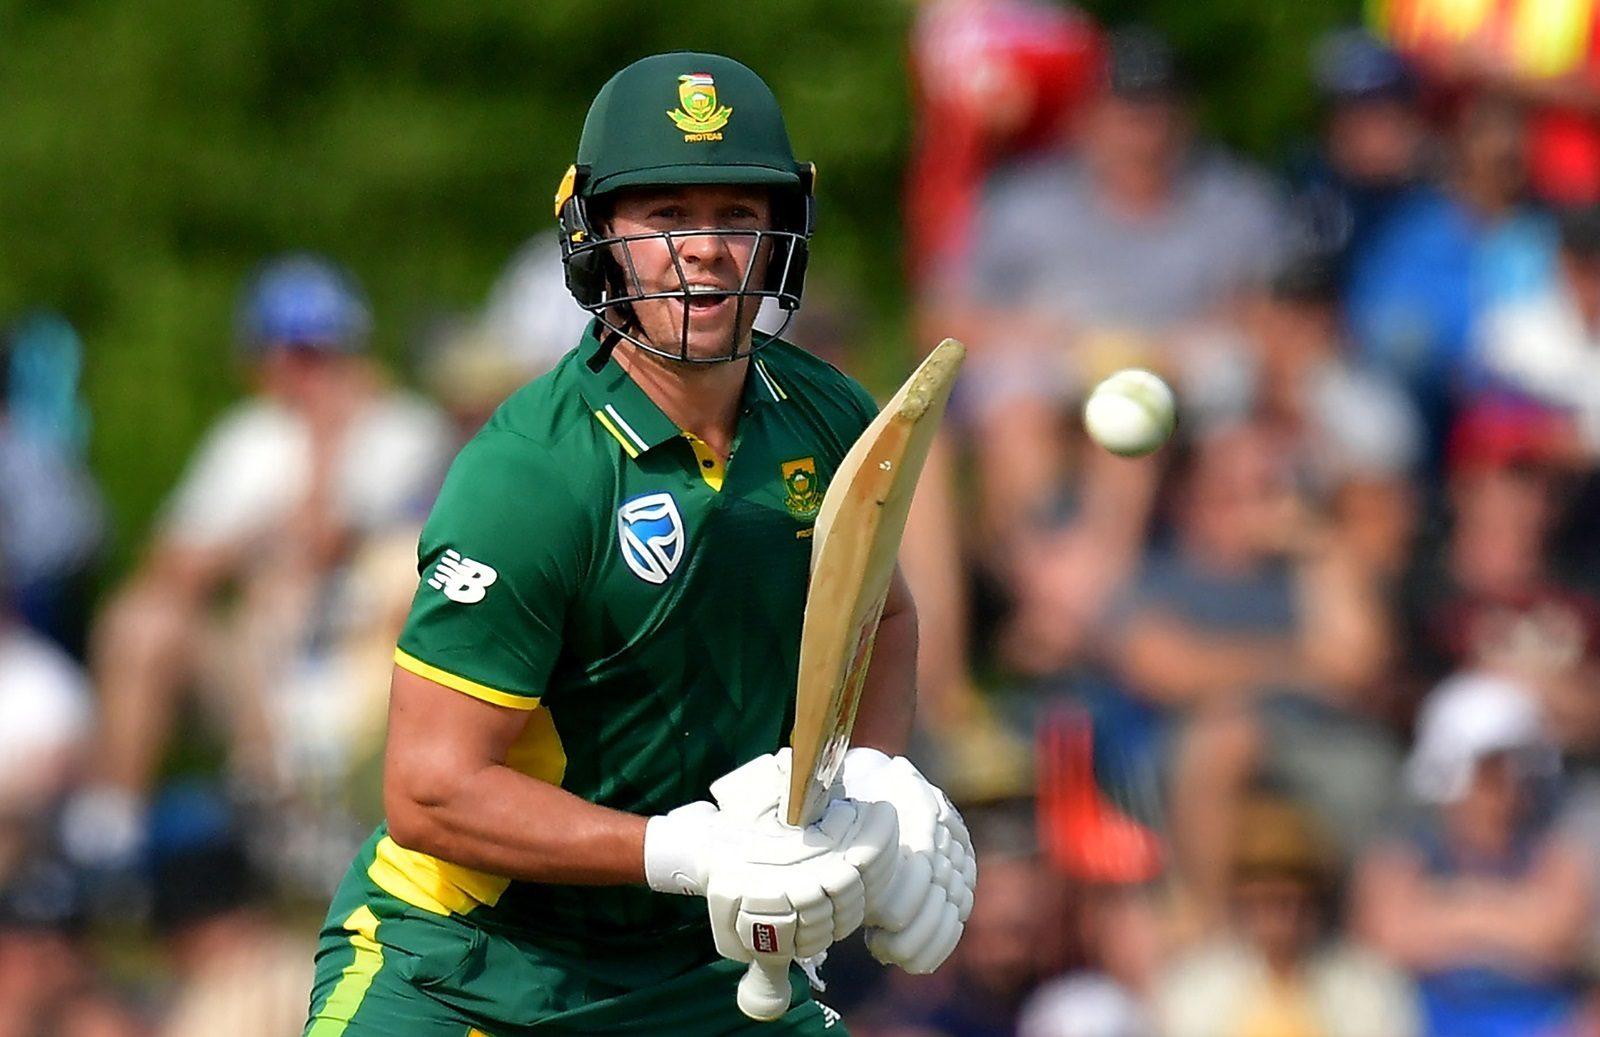 एबी डीविलियर्स ने साउथ अफ्रीका के लिए जताया विश्व कप खेलने का इच्छा, बोर्ड ने सुनाया ये फैसला 1